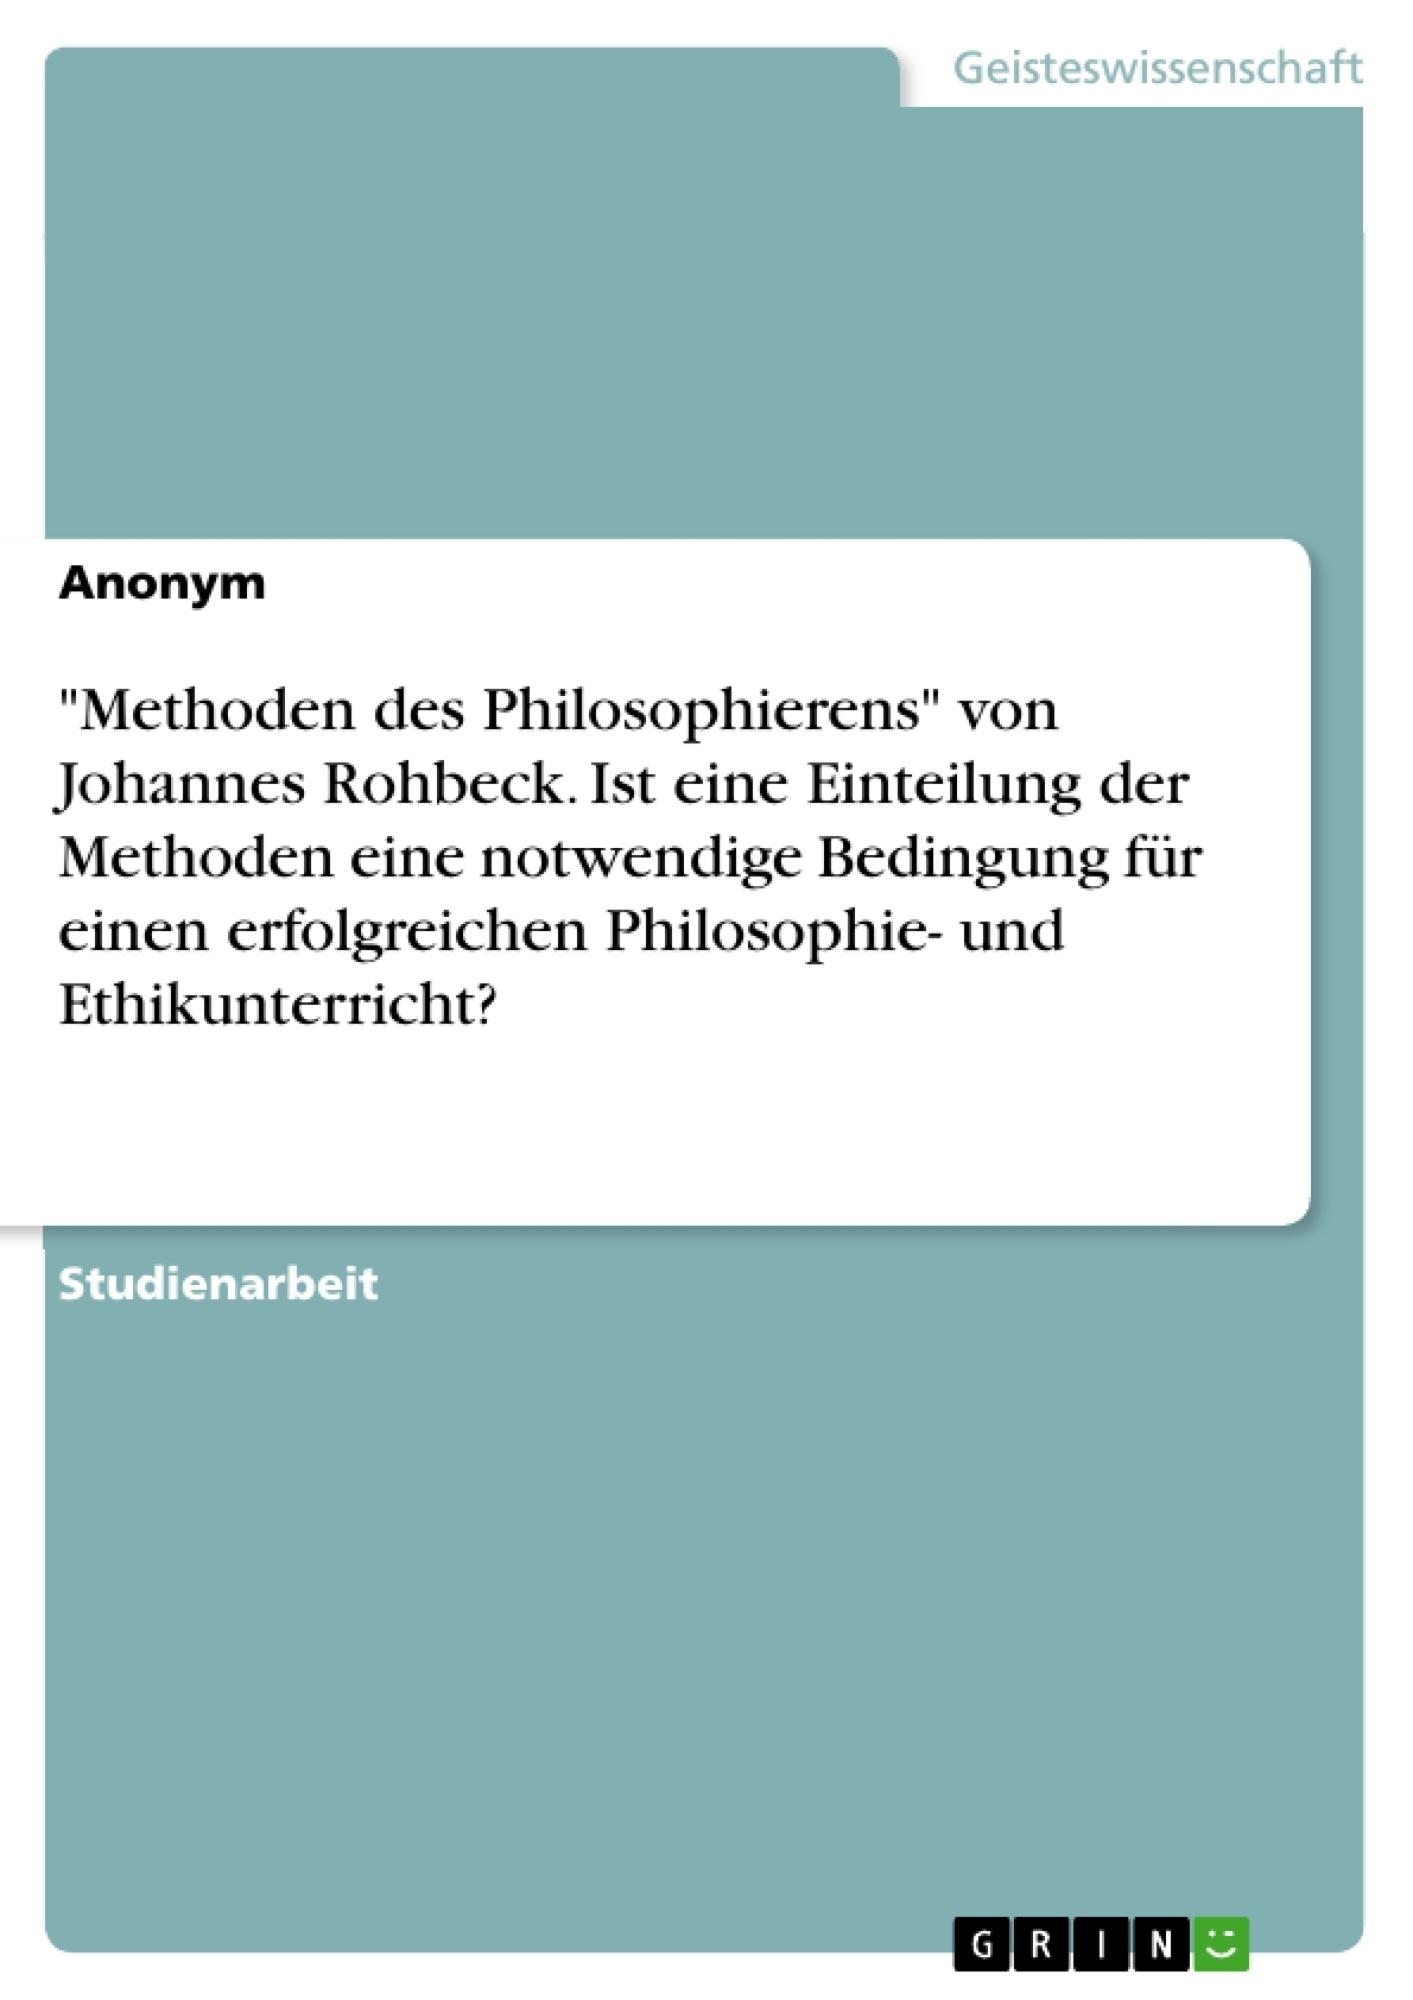 """Titel: """"Methoden des Philosophierens"""" von Johannes Rohbeck. Ist eine Einteilung der Methoden eine notwendige Bedingung für einen erfolgreichen Philosophie- und Ethikunterricht?"""